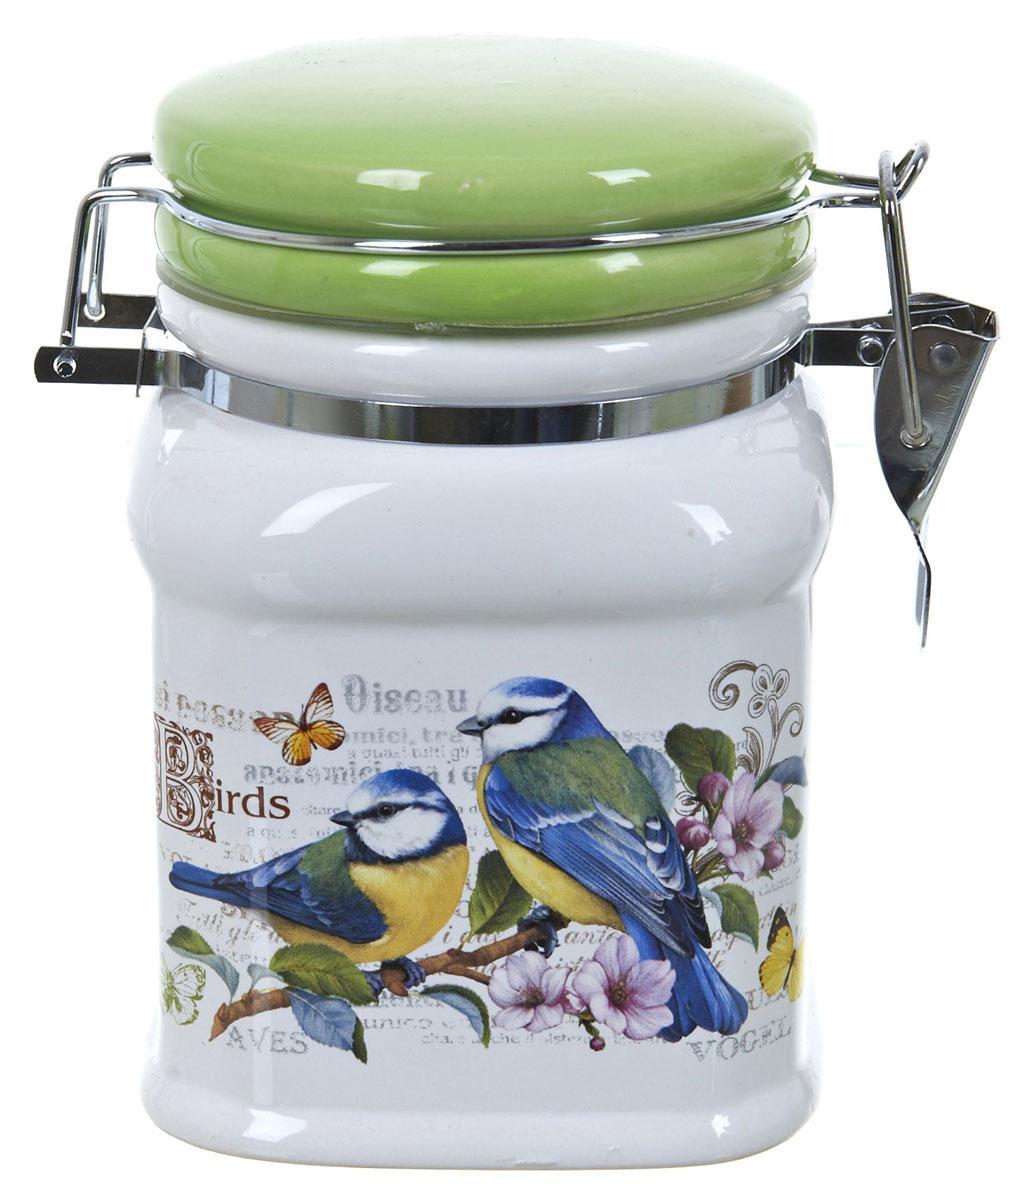 Банка для сыпучих продуктов Polystar Birds, 700 млL2430770Банка для сыпучих продуктов изготовлена из прочной доломитовой керамики, покрытой слоем сверкающей гладкой глазури. Изделие оформлено красочным изображением. Банка прекрасно подойдет для хранения различных сыпучих продуктов: чая, кофе, сахара, круп и многого другого. Благодаря силиконовой прослойке и бугельному замку, крышка герметично закрывается, что позволяет дольше сохранять продукты свежими. Изящная емкость не только поможет хранить разнообразные сыпучие продукты, но и стильно дополнит интерьер кухни.